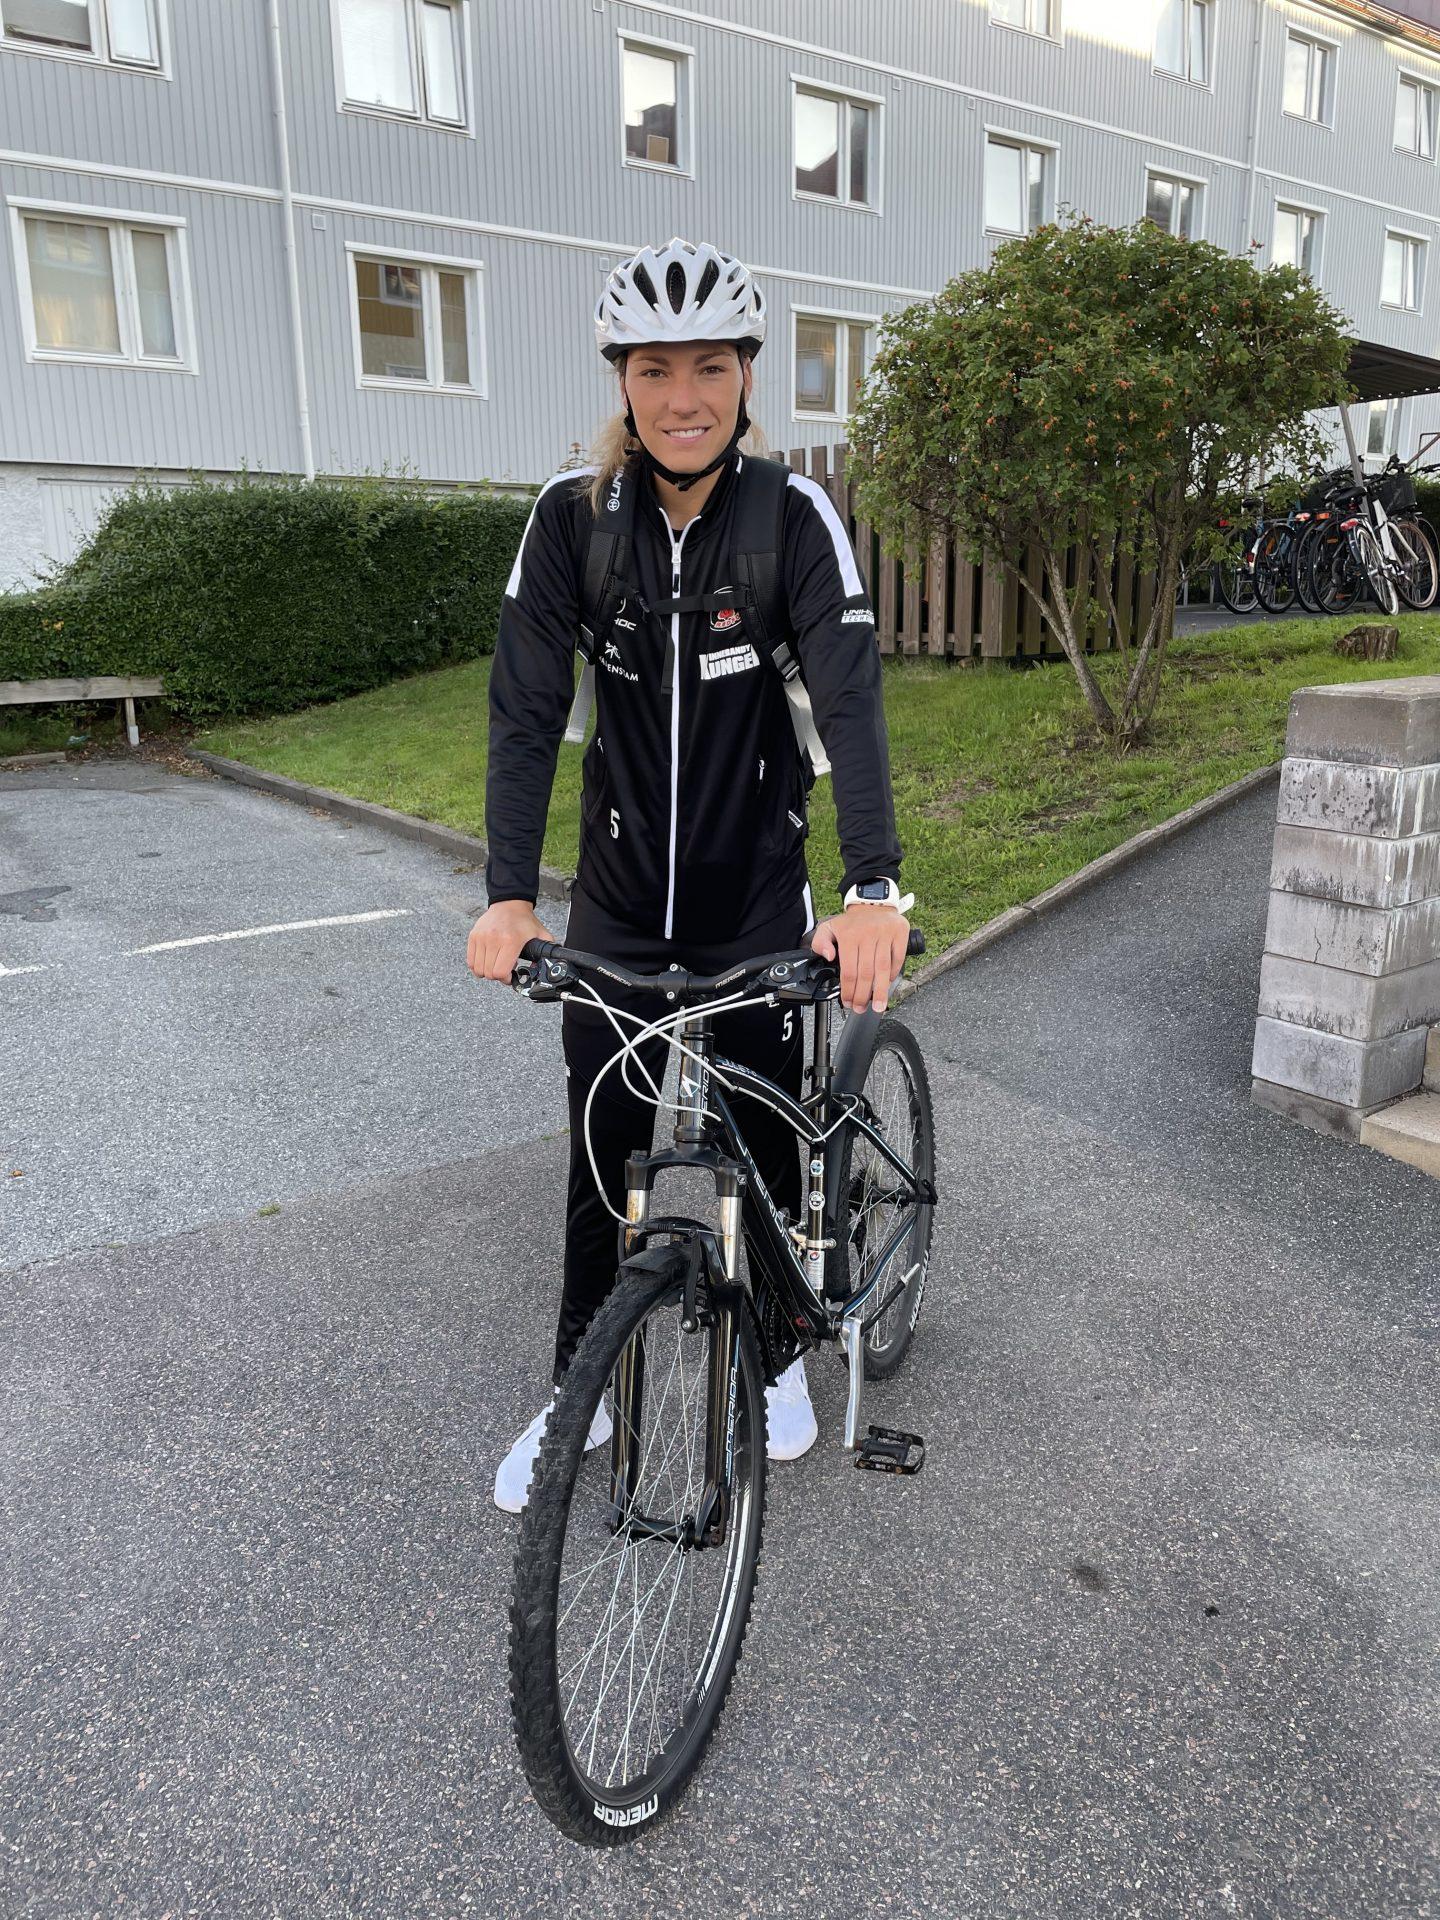 Eliška Krupnová využívá kolo ve Švédsku příležitostně jako dopravní prostředek. Foto: archiv Elišky Krupnové